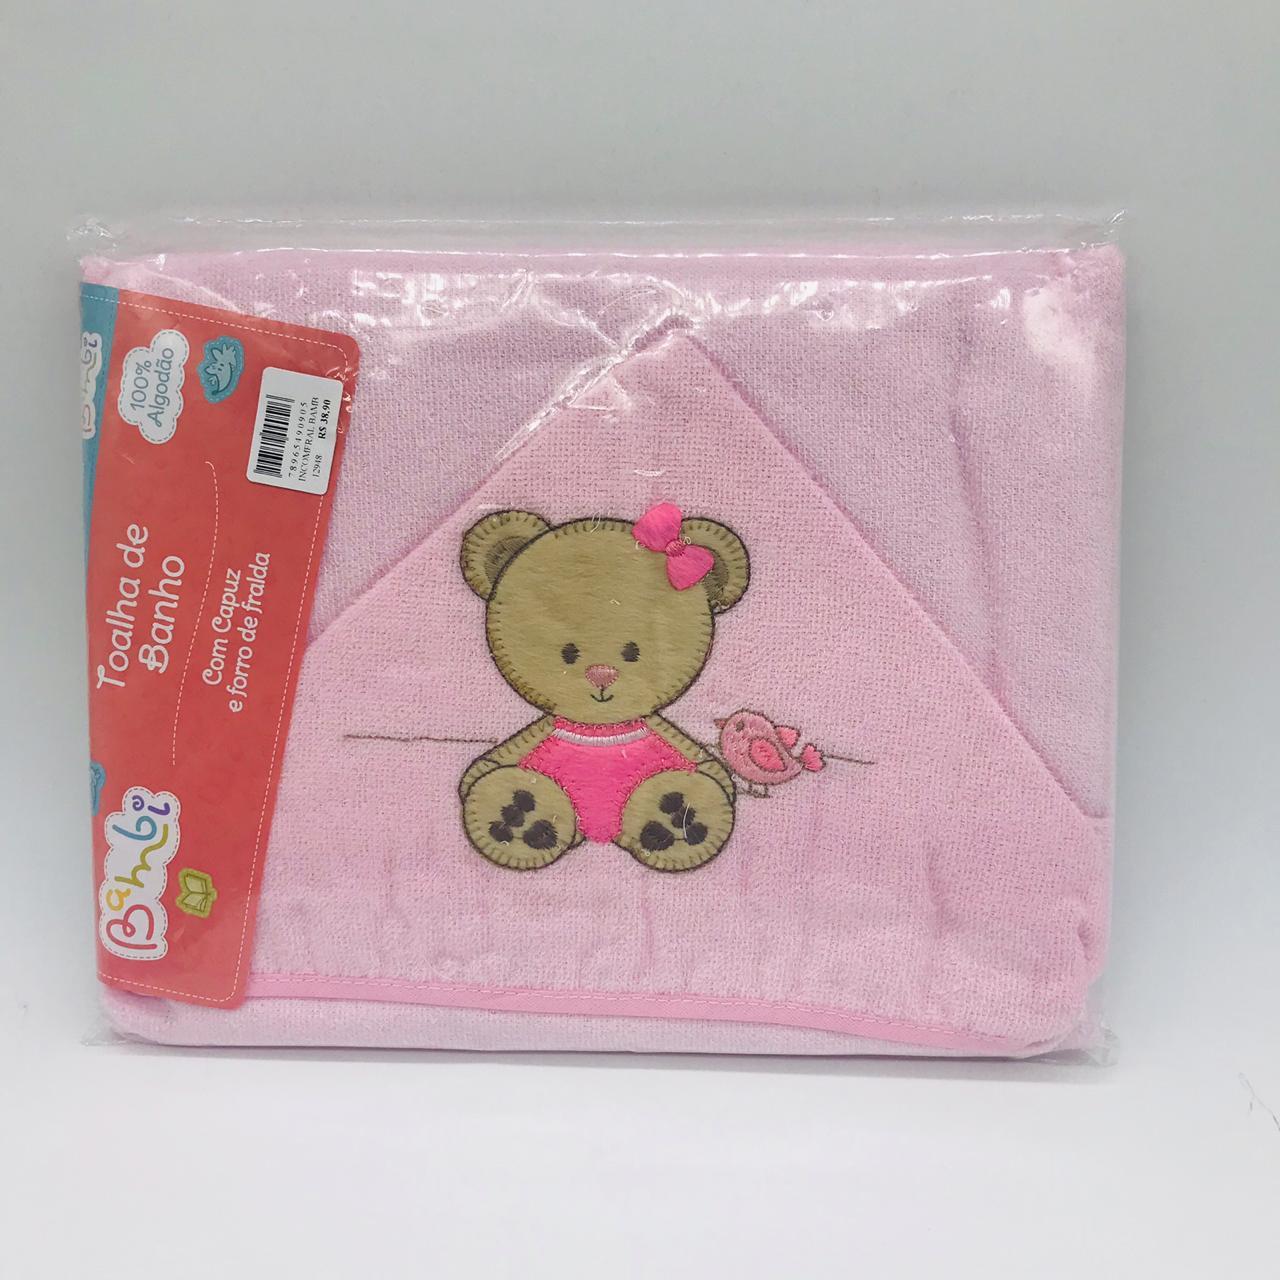 Toalha Capuz Bordada Ursinha Rosa - Incomfral Ref 02003302030014